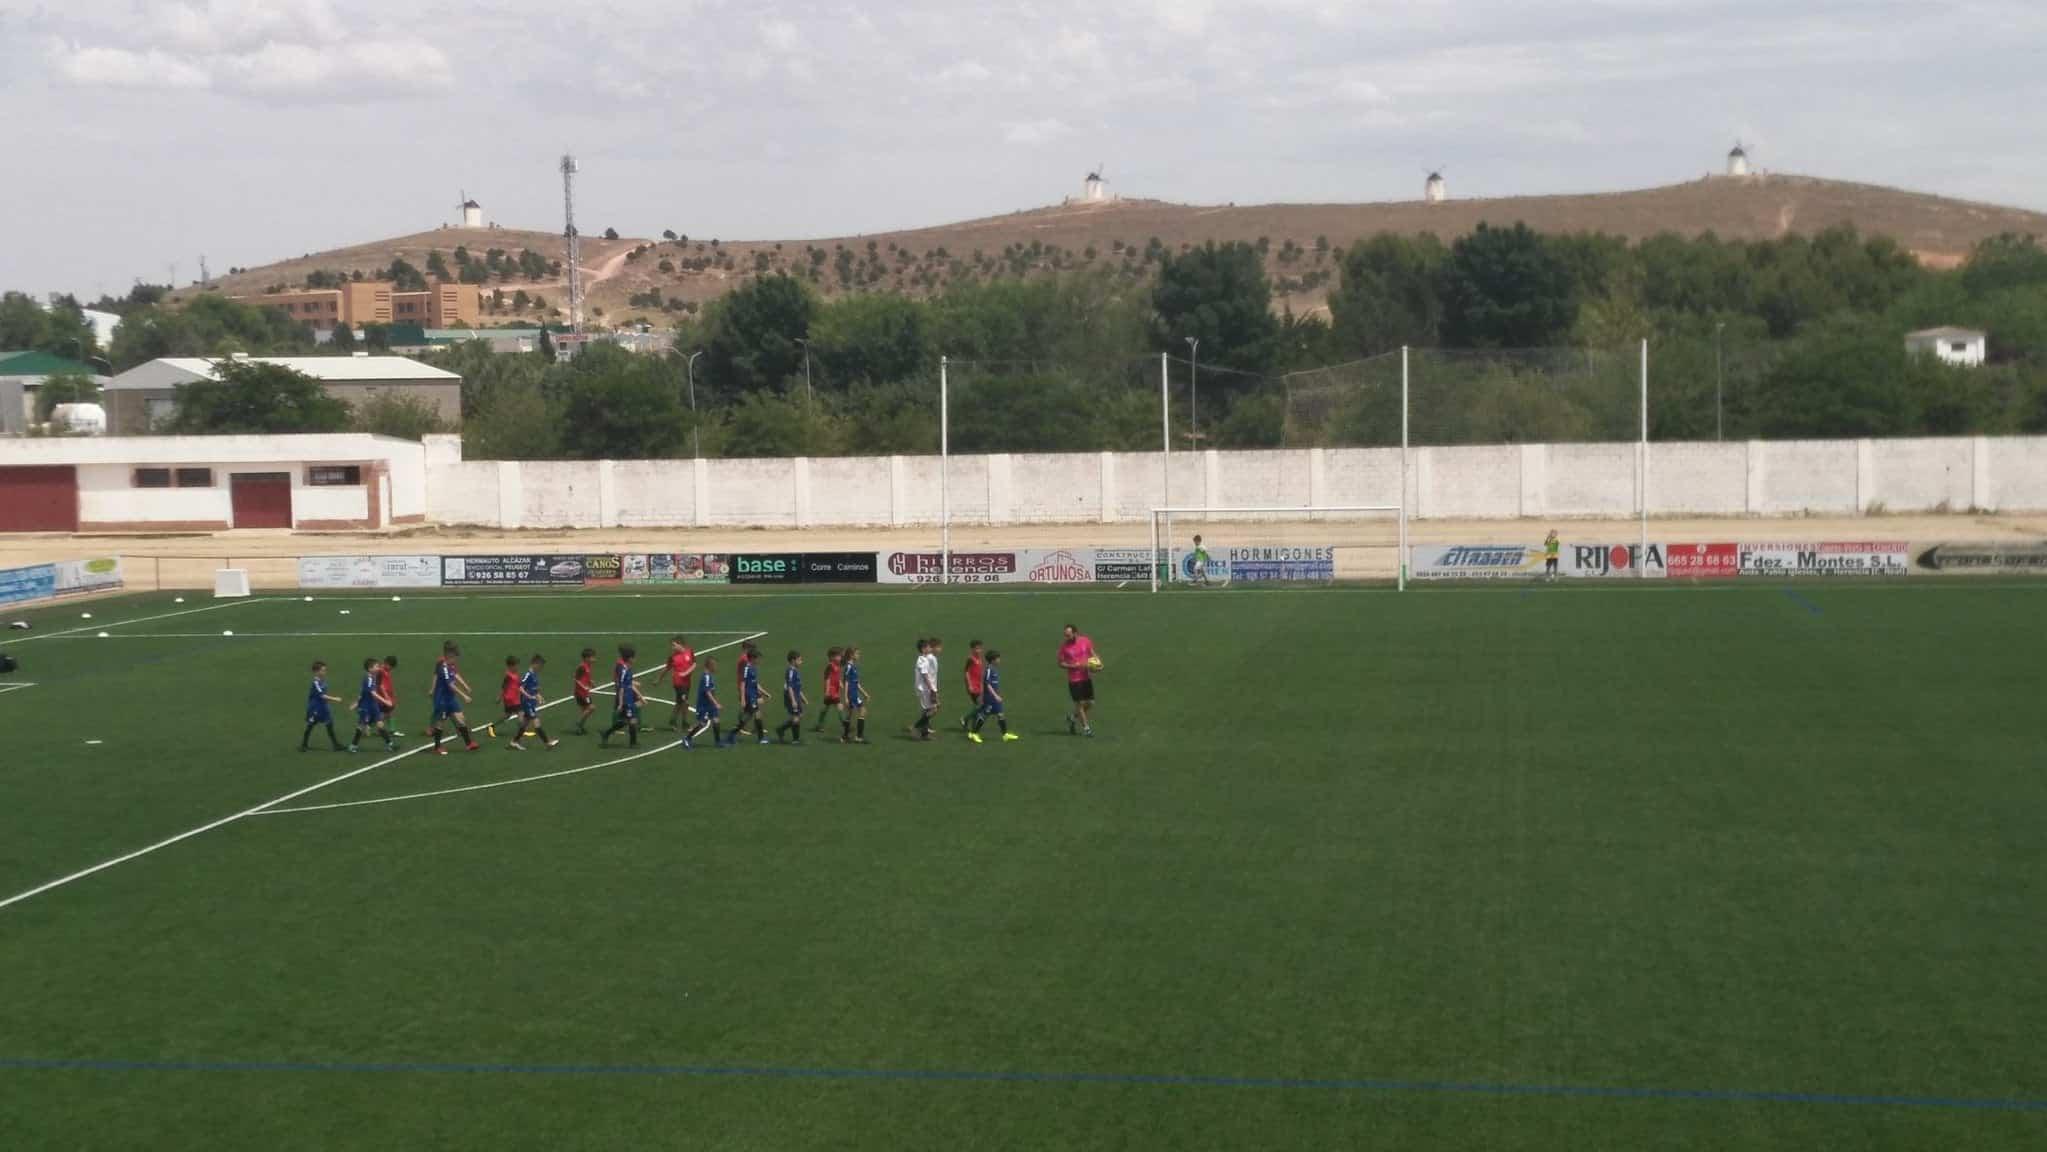 """VII Torneo futbol 8 soledad herencia - Más de 300 chavales se dieron cita en el VIII Torneo de Fútbol-8 """"Virgen de la Soledad"""""""